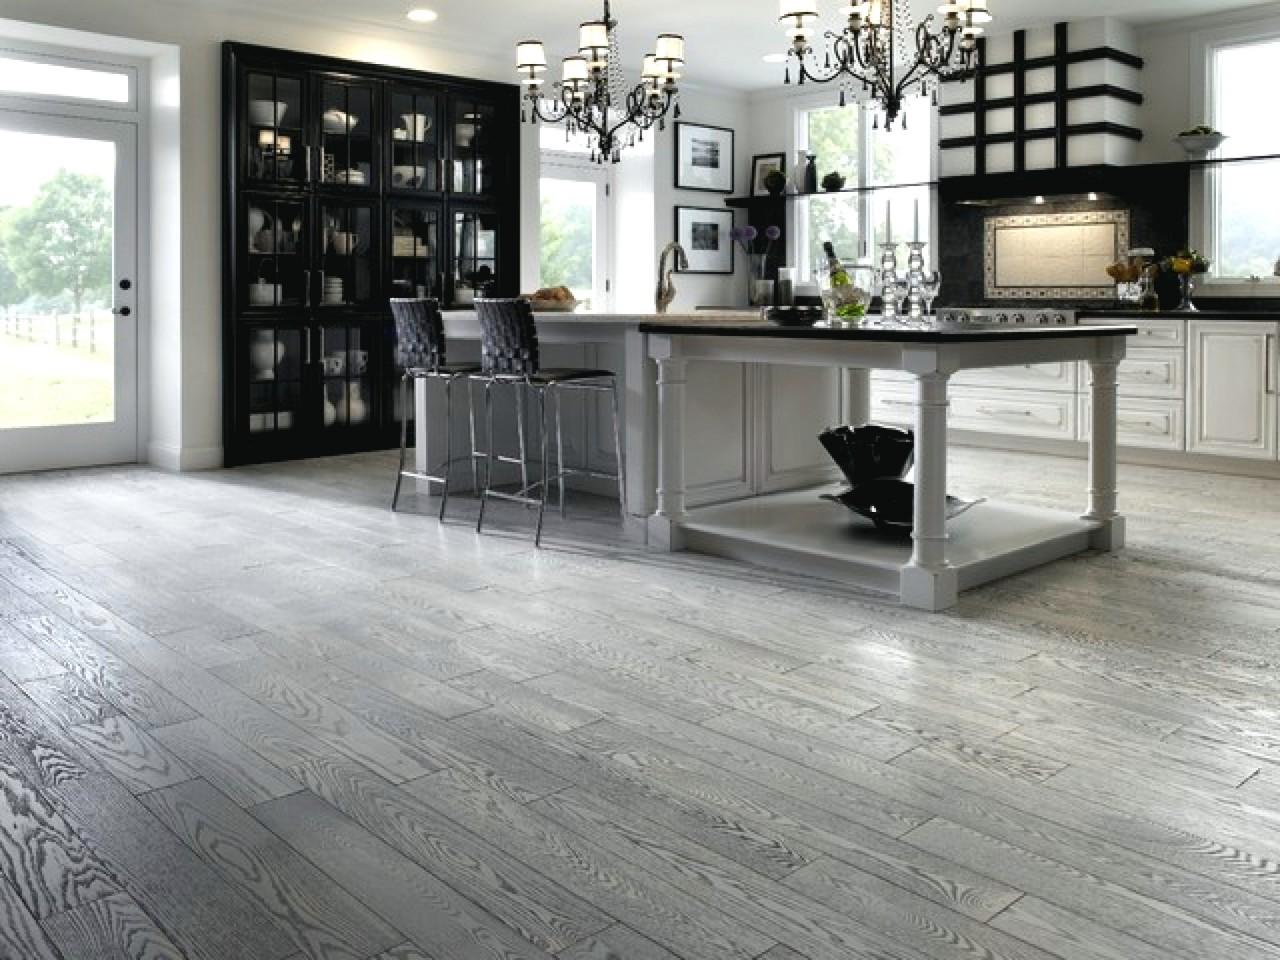 hardwood floors colors best hardwood floor stain color gray GQXZRKD